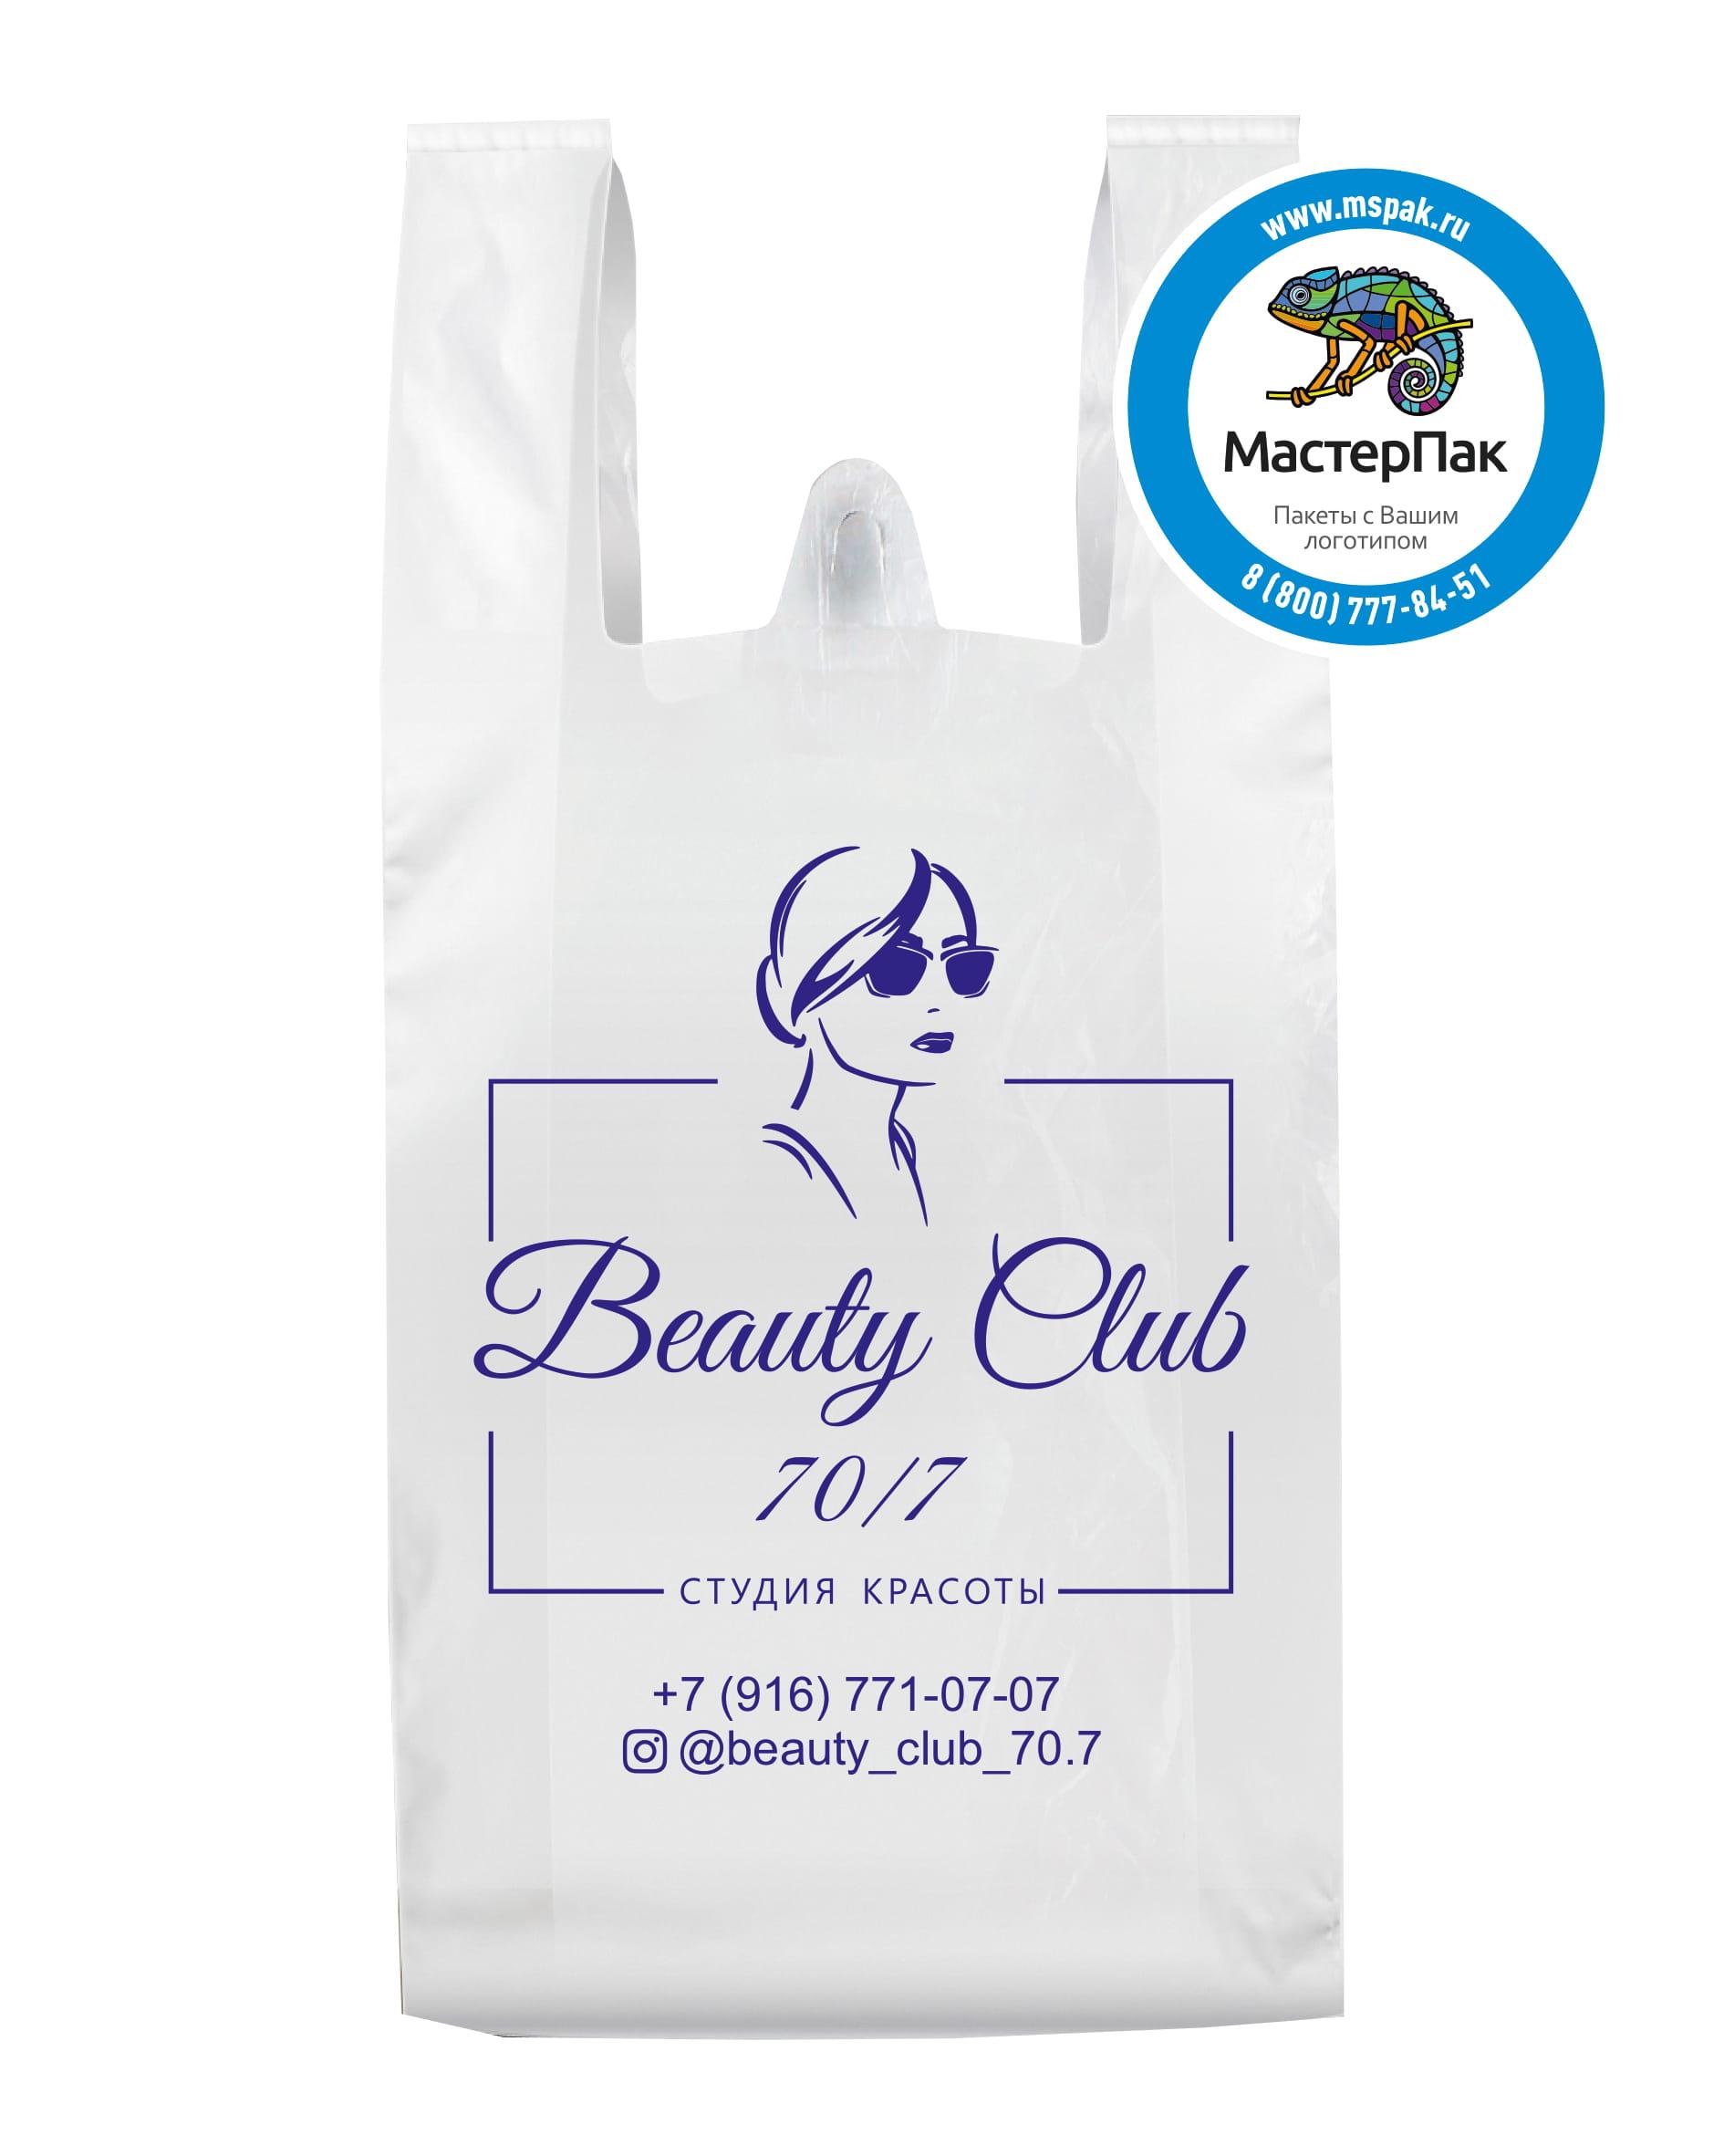 Пакет-майка ПНД с логотипом Beauty Club, Санкт-Петербург